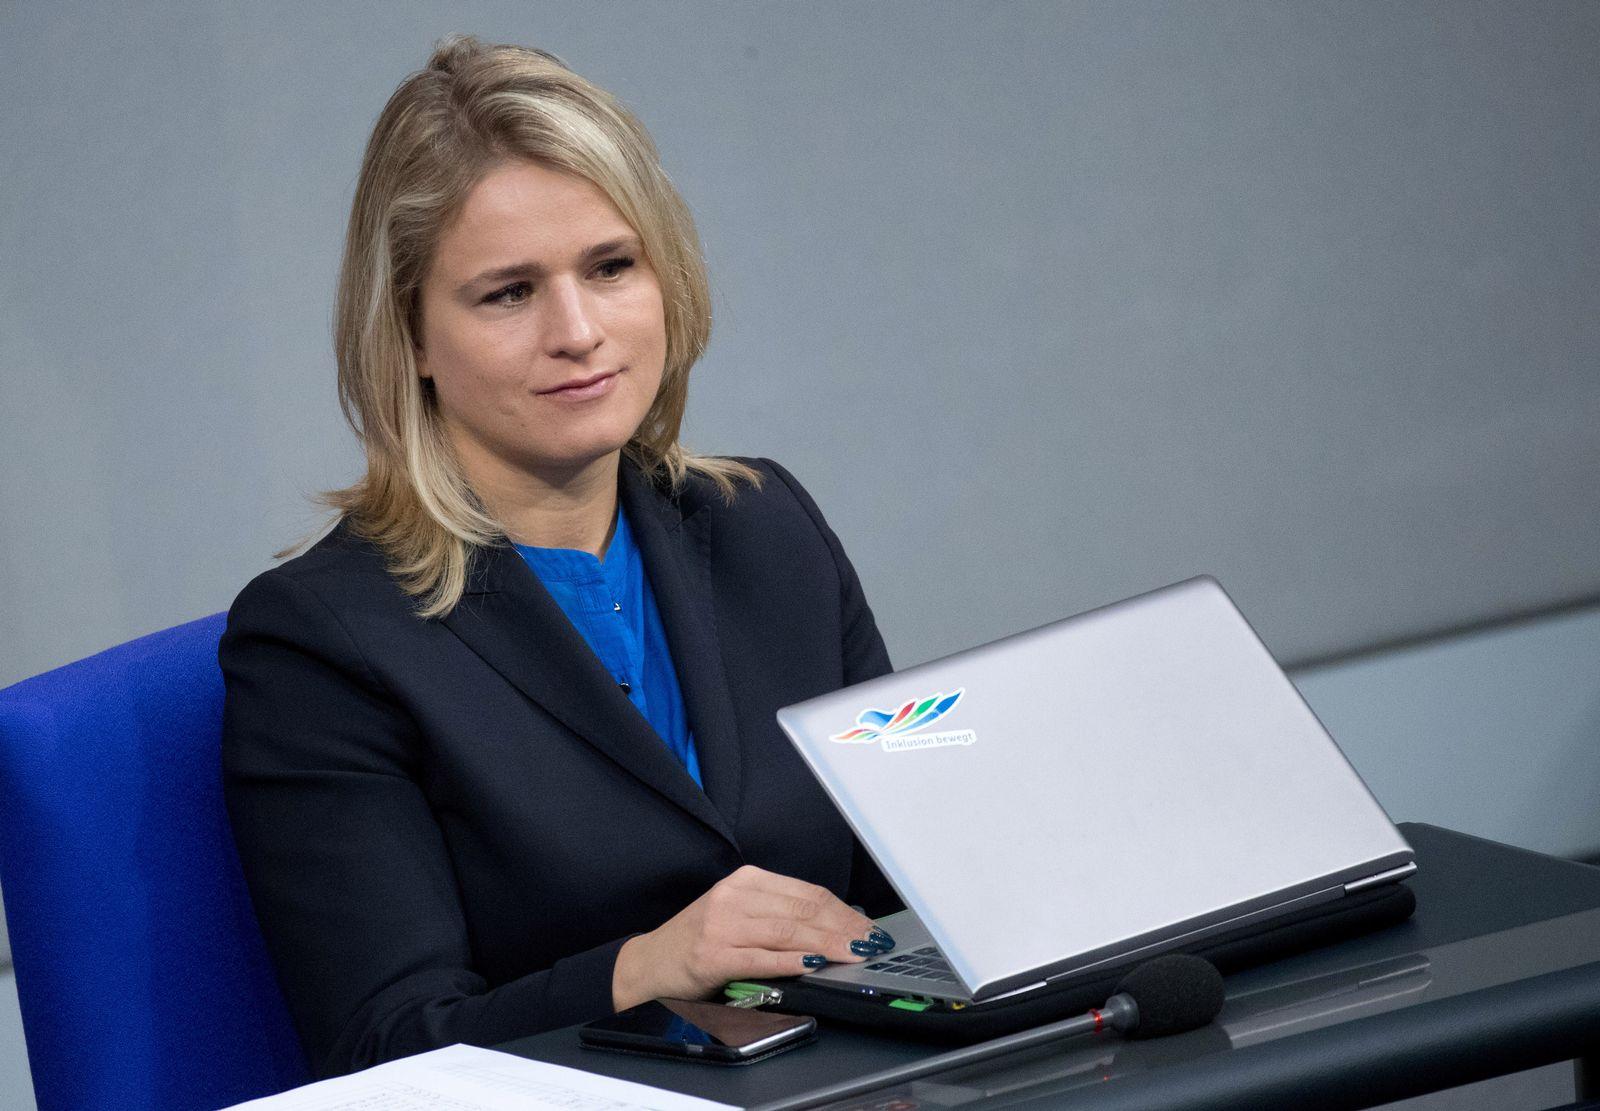 Verena Bentele/ Wahl des Bundespräsidenten/ Promis